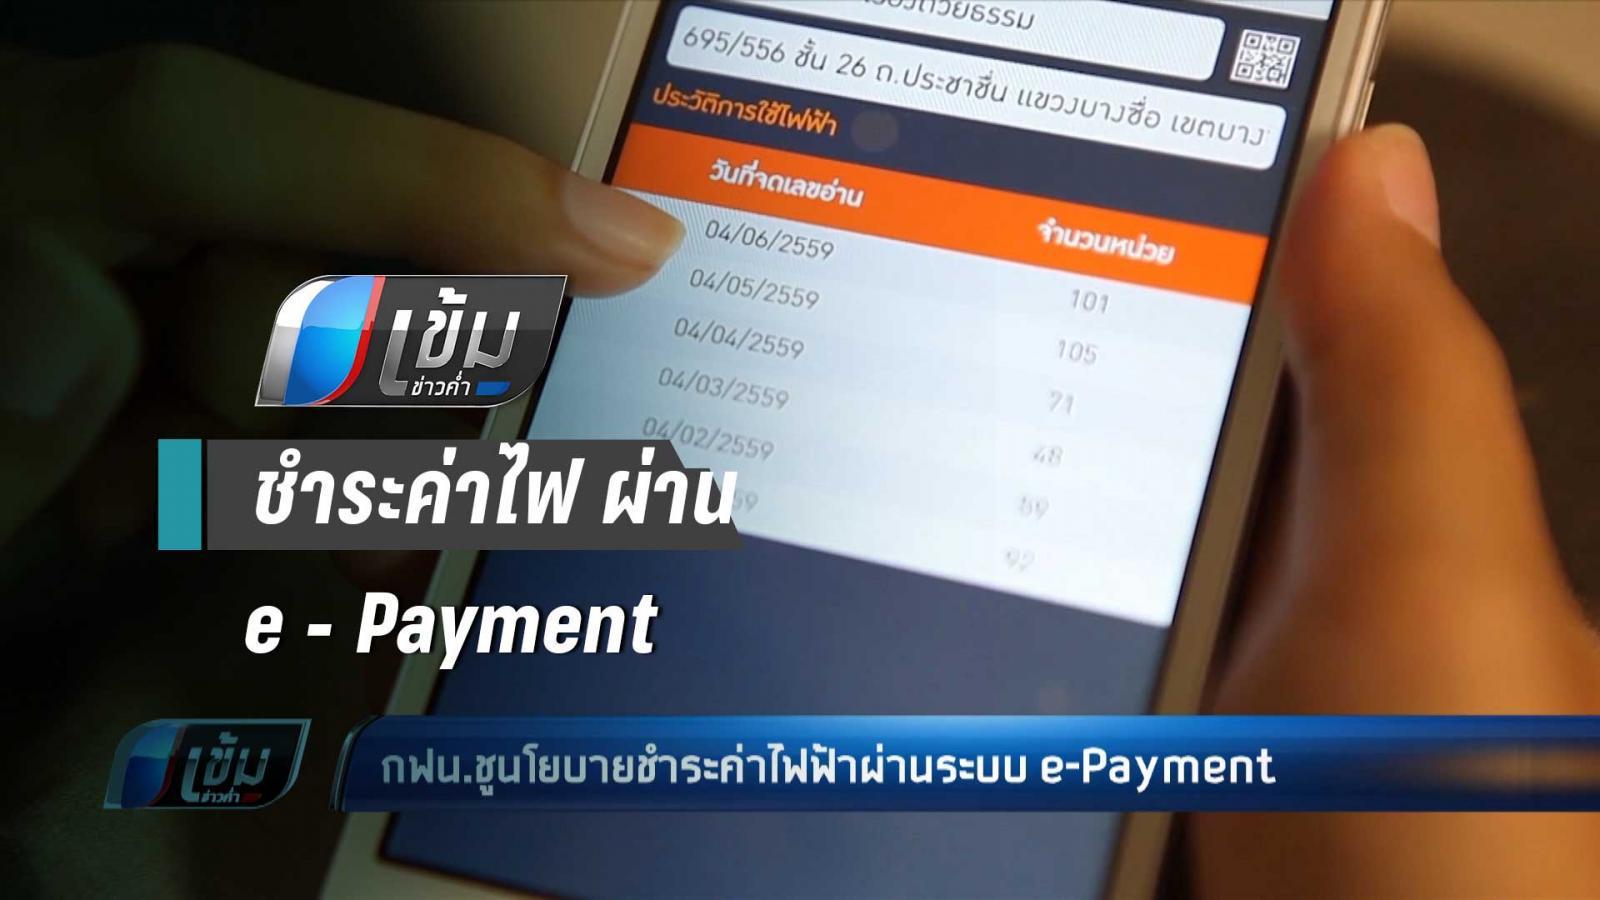 กฟน. ชูนโยบายชำระค่าไฟผ่าน e - Payment